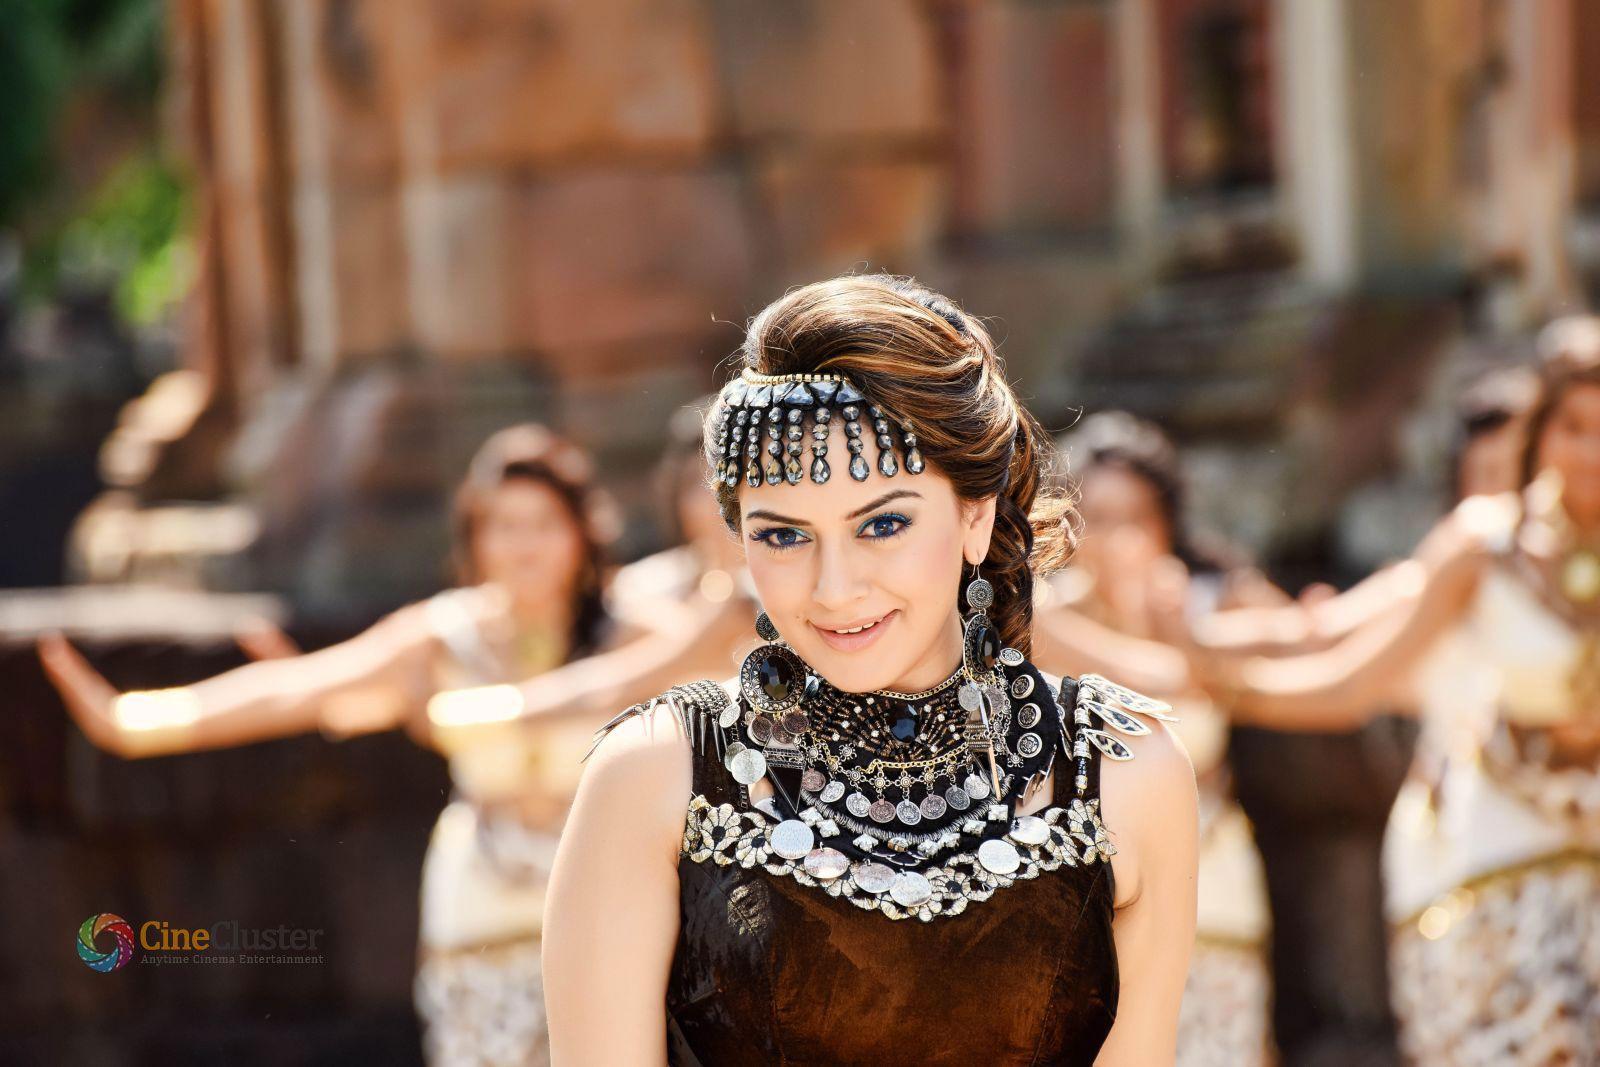 Hd wallpaper vijay - Download The Puli Tamil Movie Latest High Quality Wallpaper Stills Puli Movie Starring Vijay